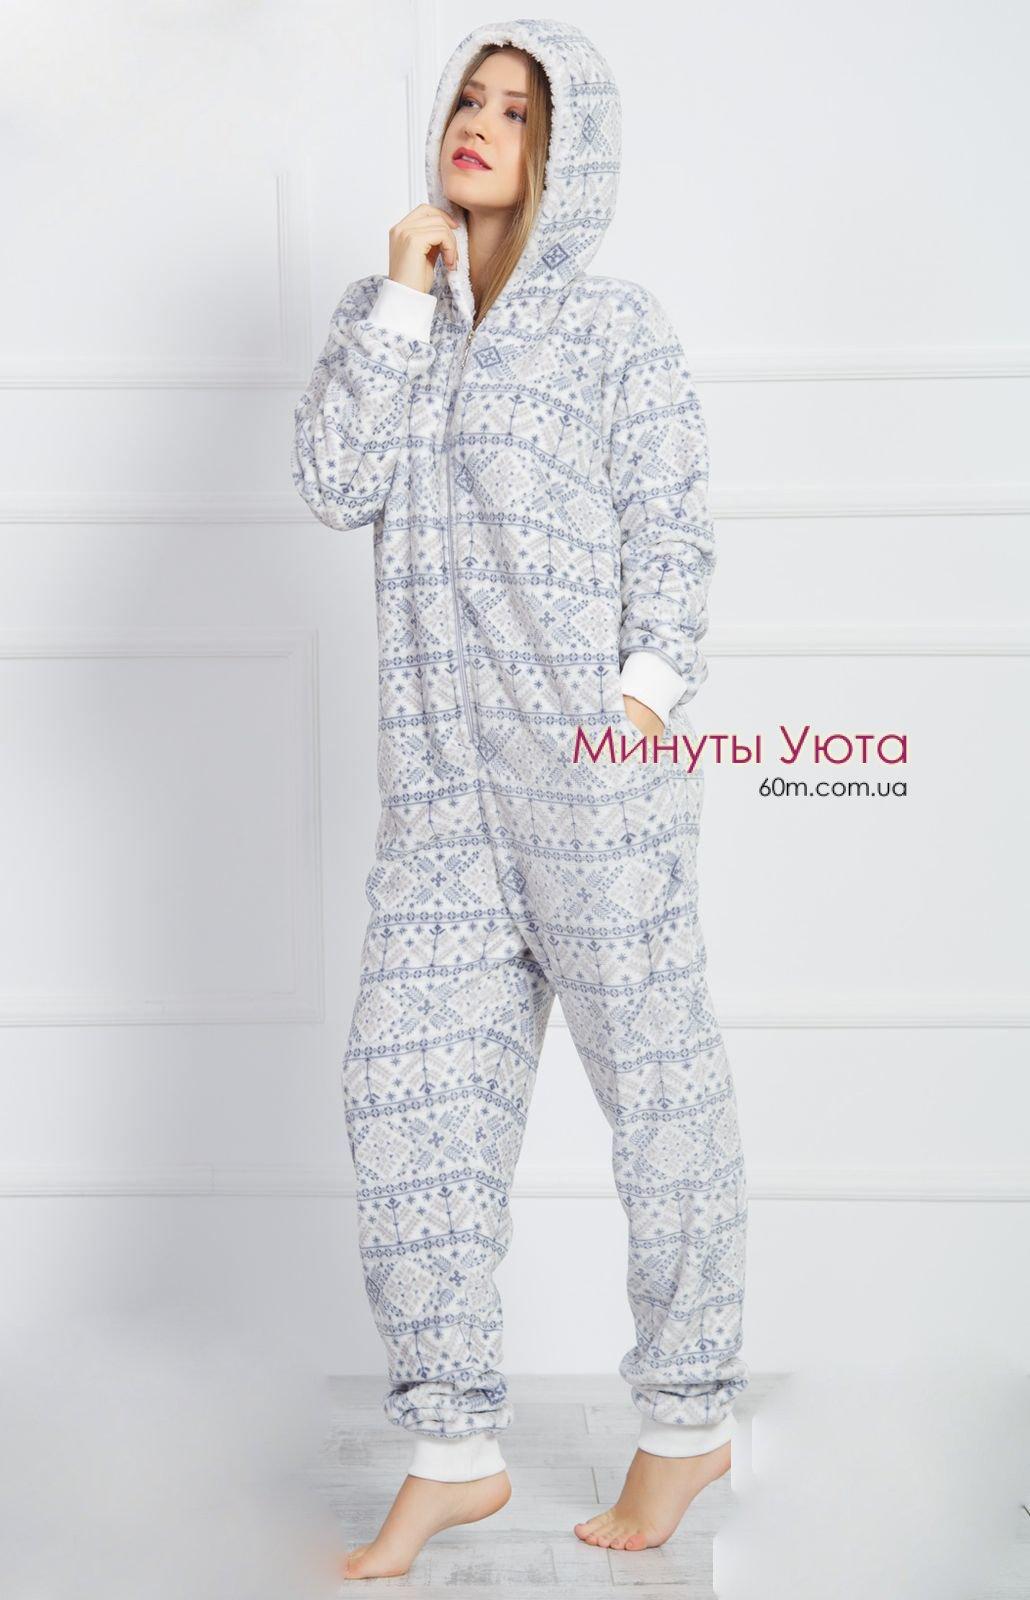 Плюшева піжама кігурумі в скандинавському стилі - доставка в Дніпрі ... 72c82b5168889